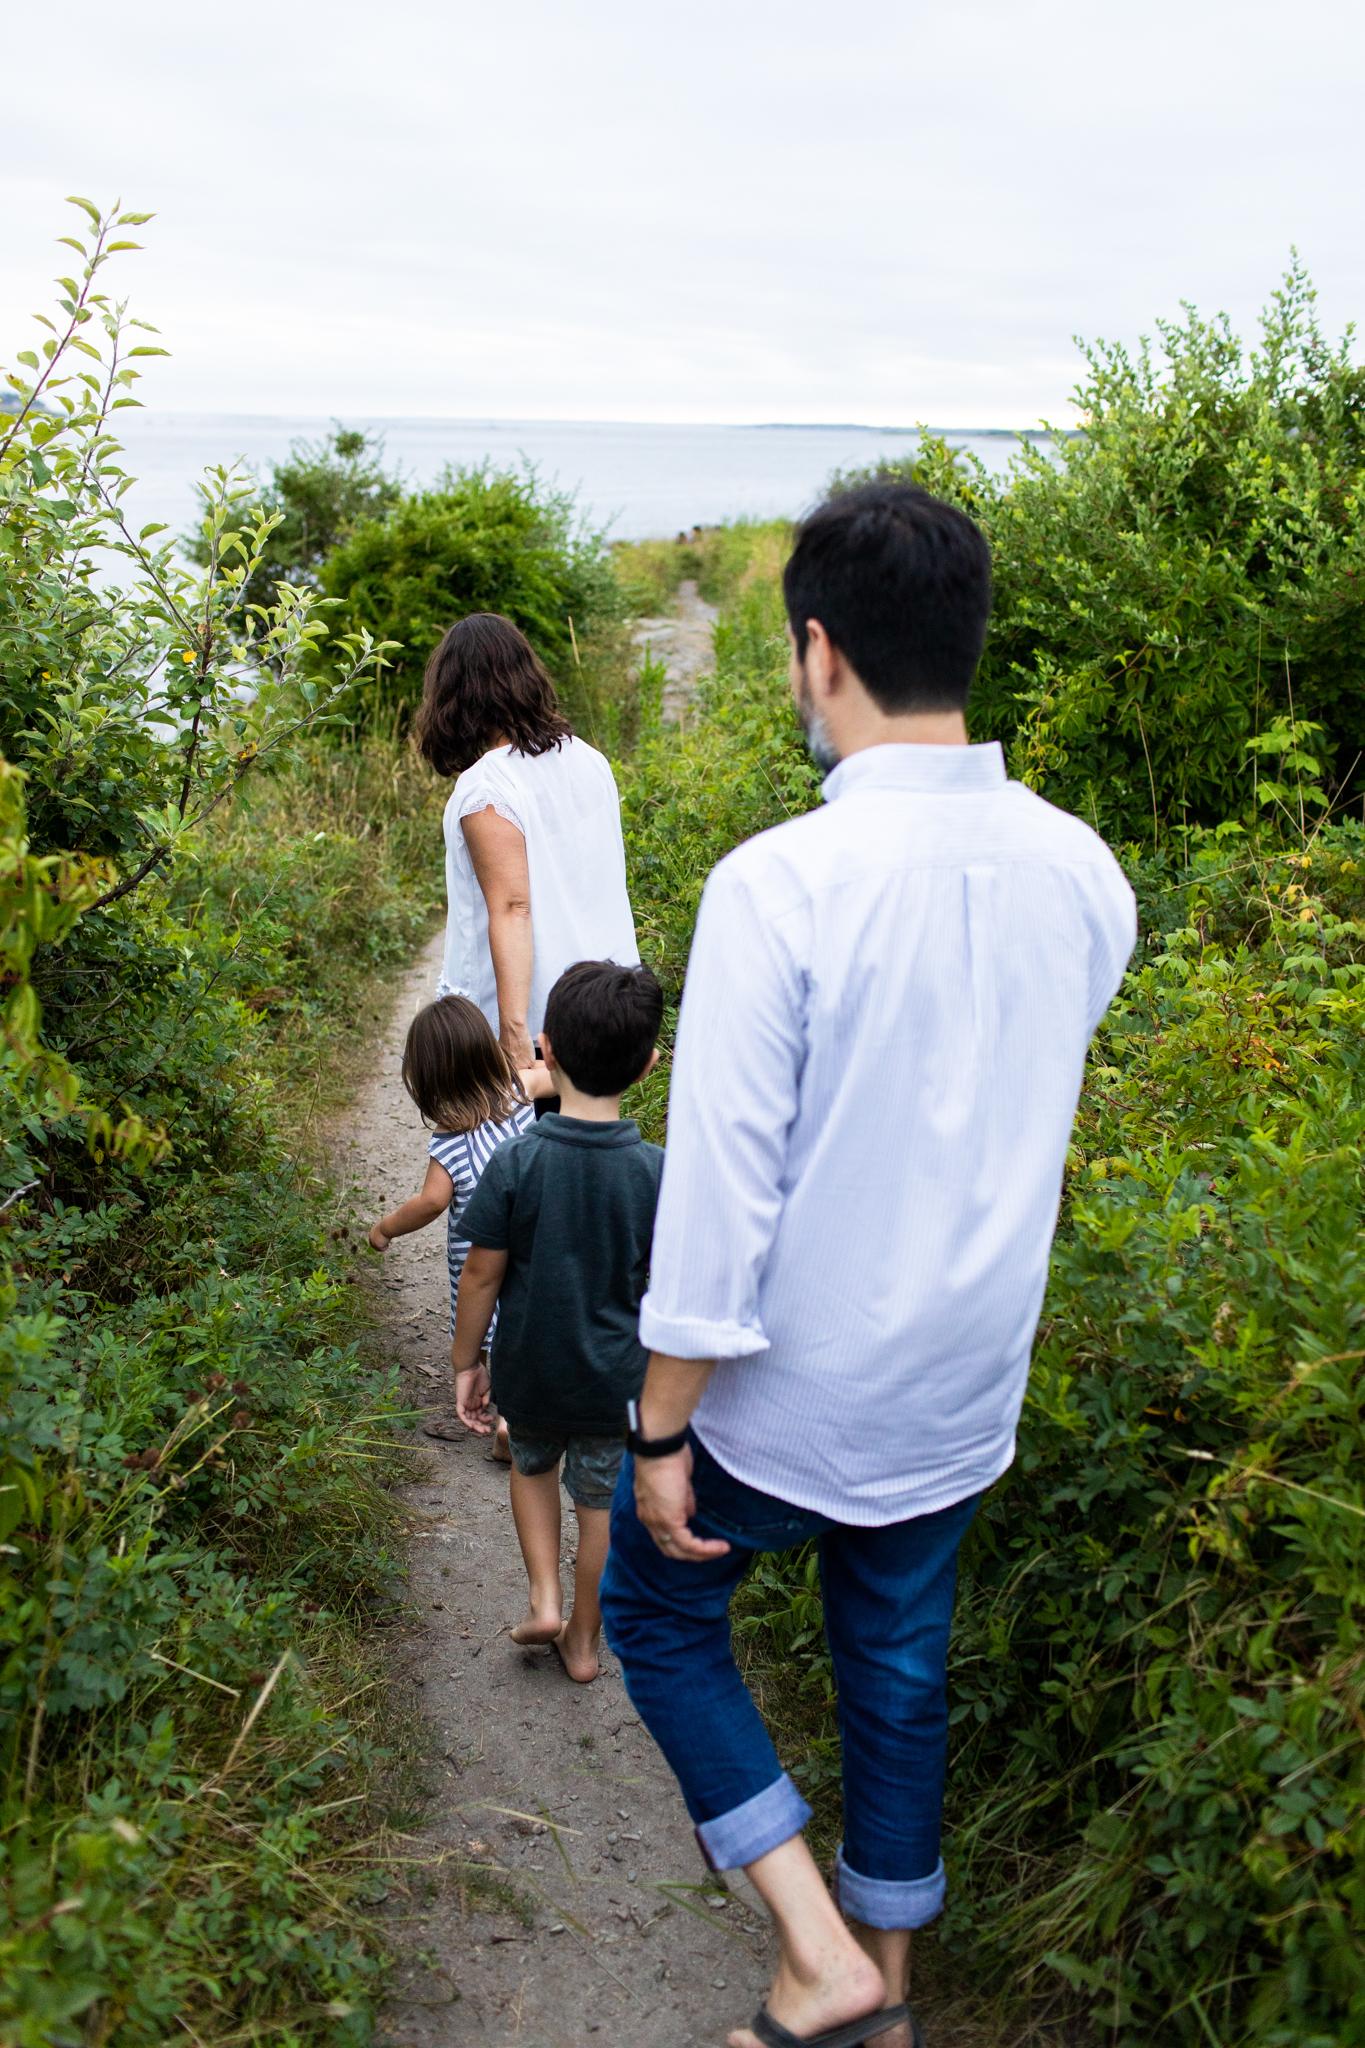 maine-family-photographer-beach-lifestyle -54.jpg